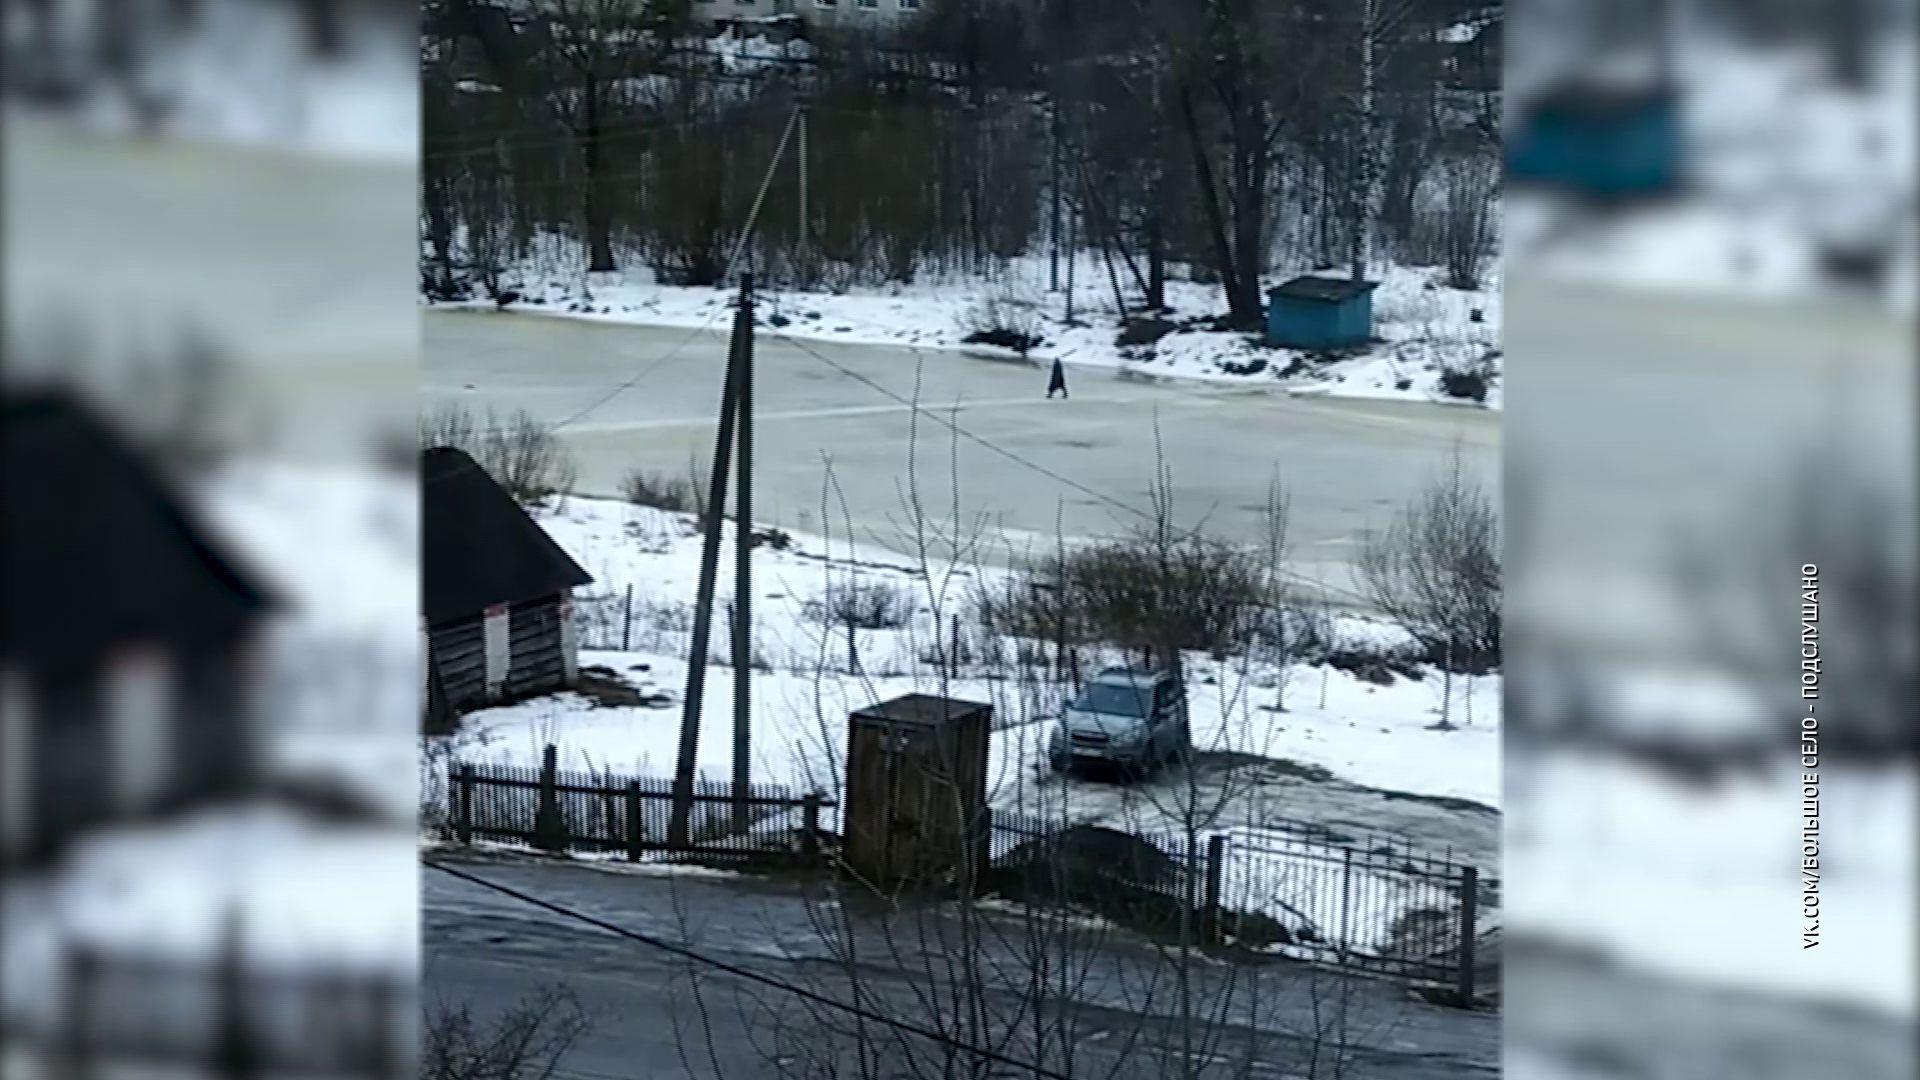 В Большом селе жители переходят реку по тонкому льду